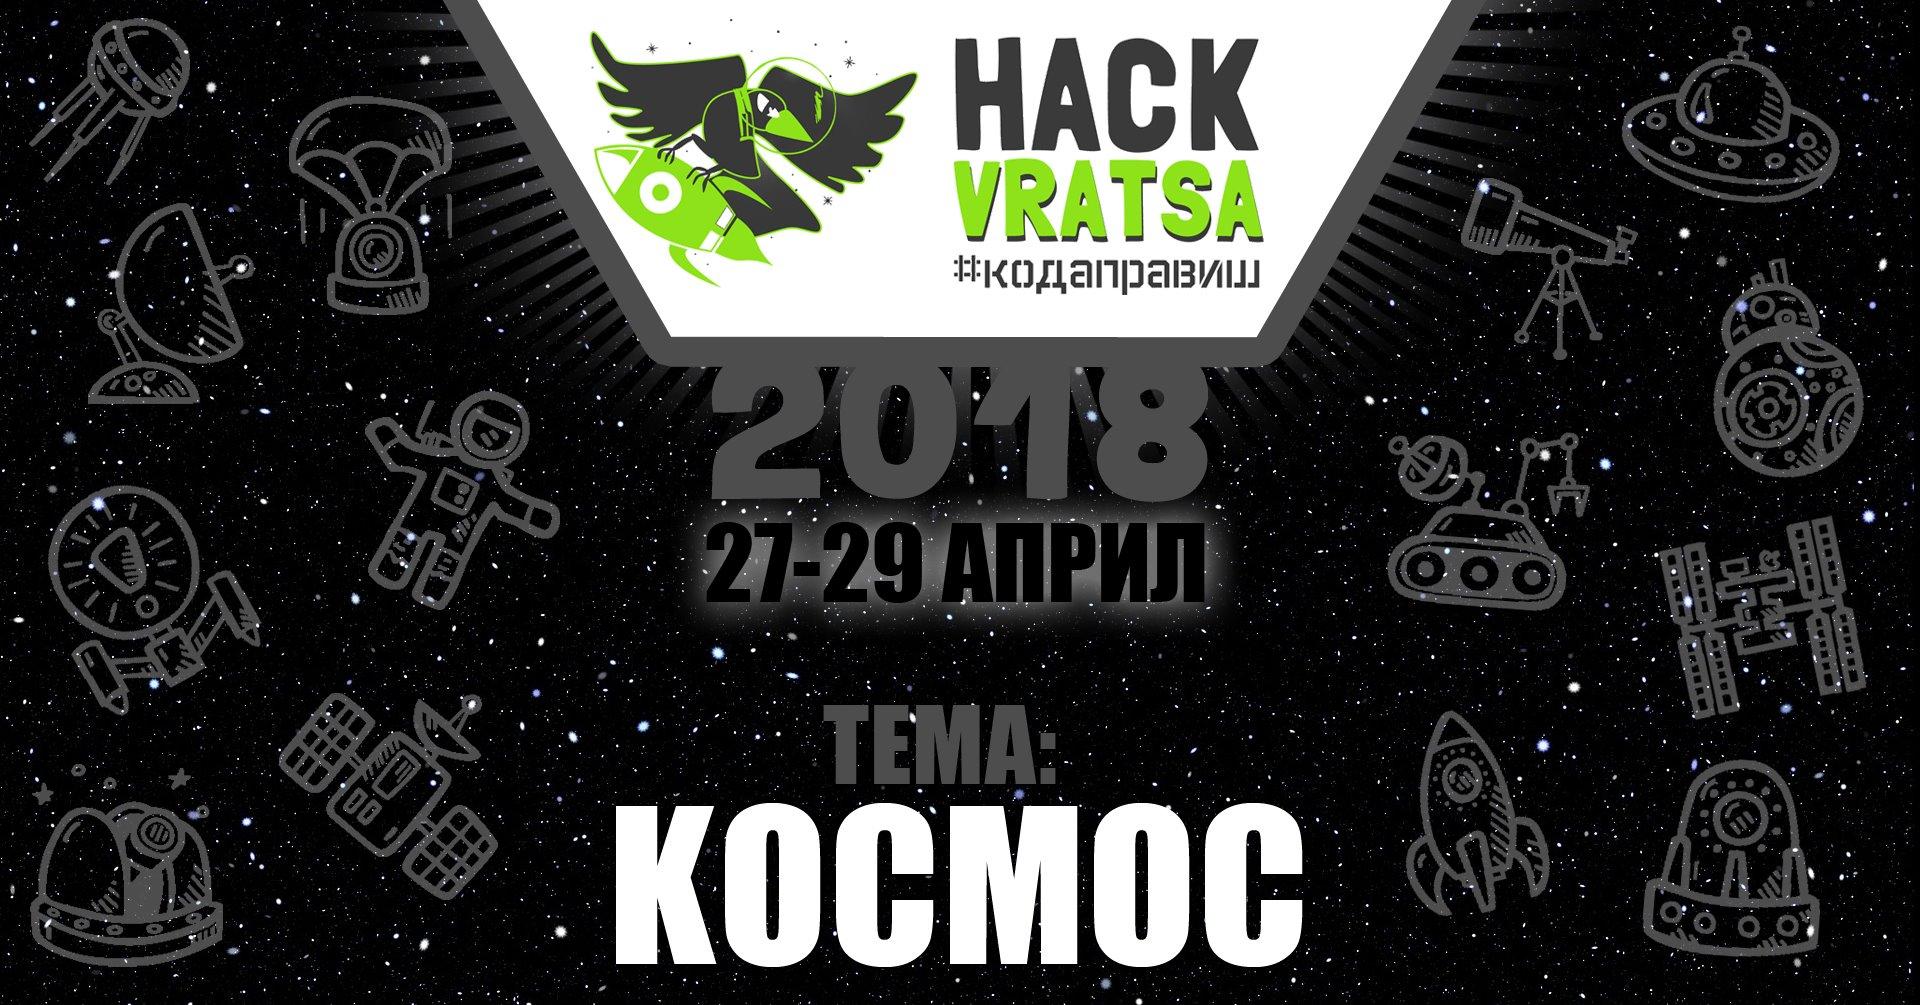 HackVratsa 2018